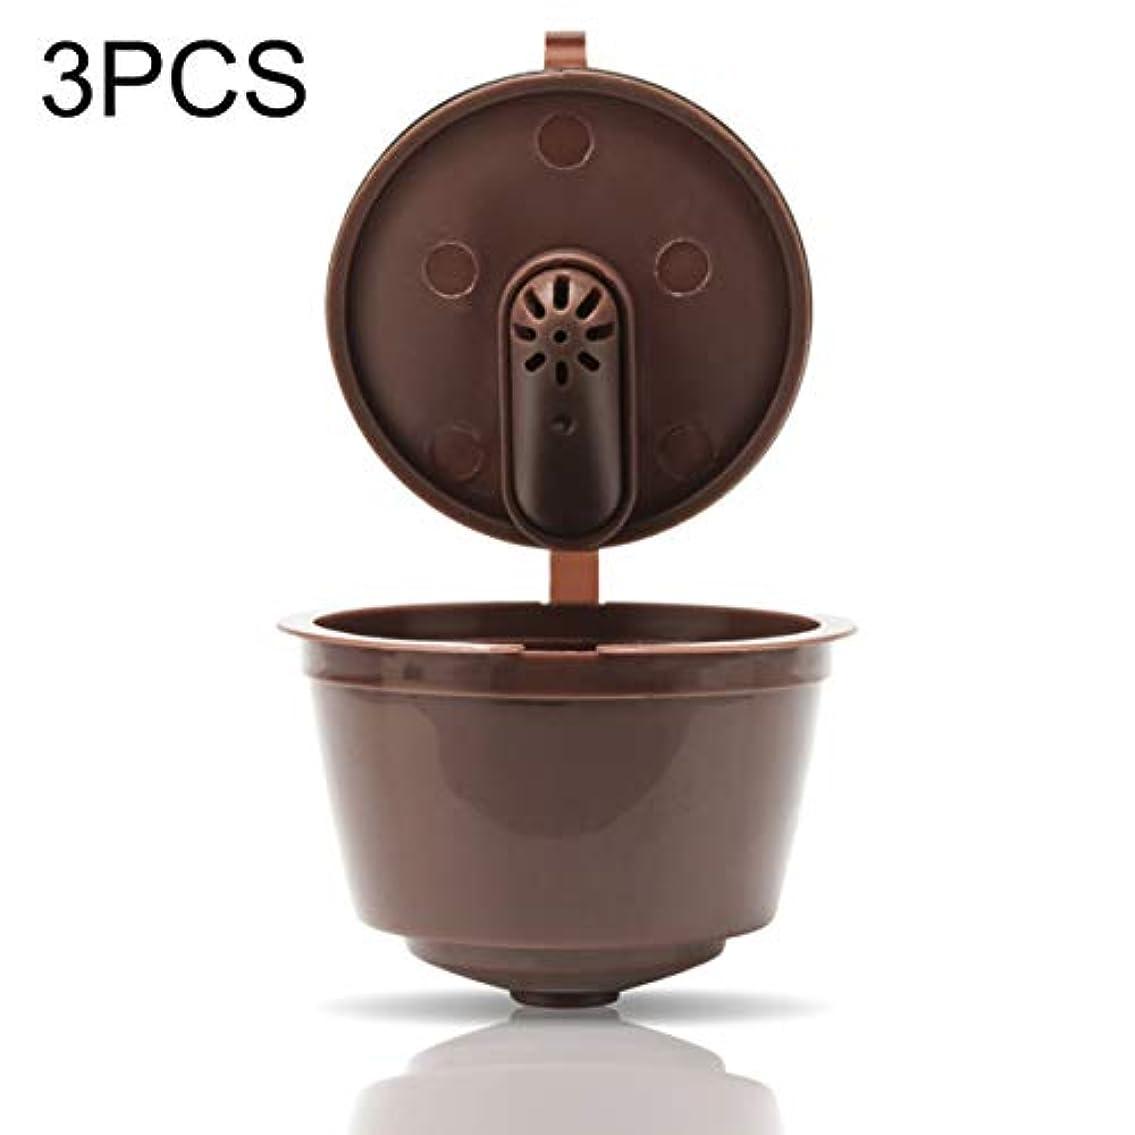 お誕生日ヘッジ助けてSaikogoods 更新されたバージョン コーヒーカプセル 詰め替え再利用可能 コーヒーカップ コーヒーバスケット コーヒーメーカー キッチンツールをフィルター ダークブラウン 3PCS